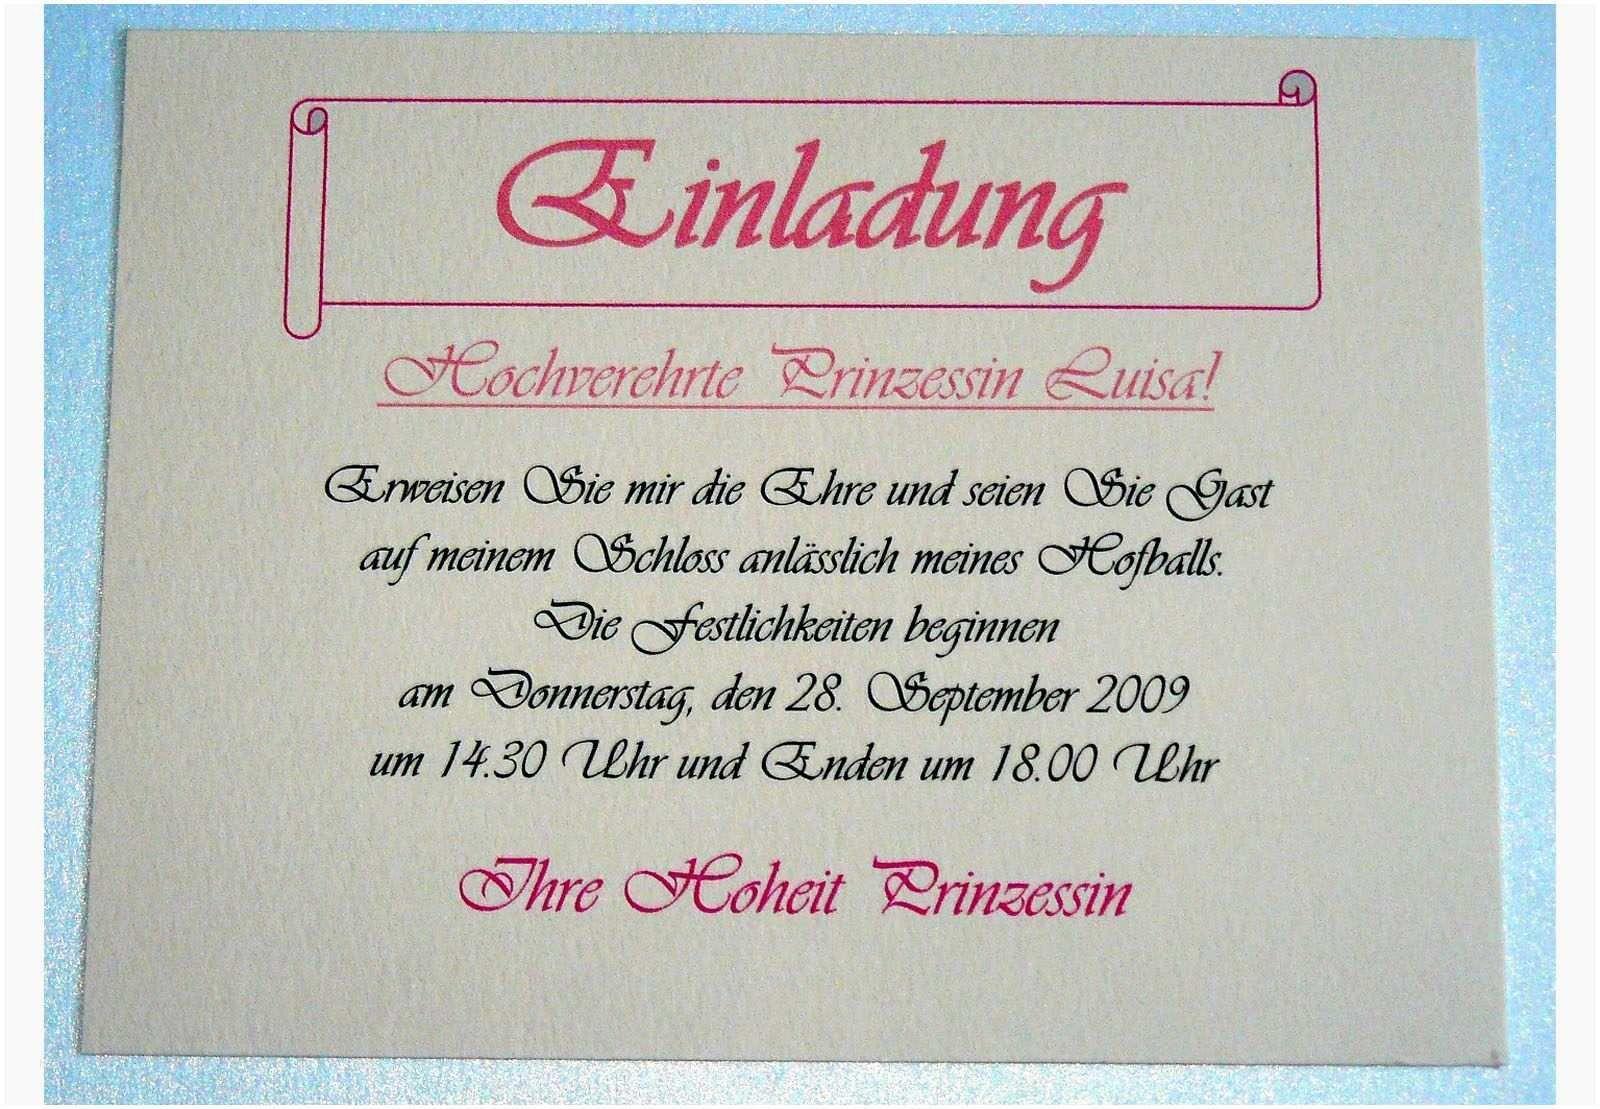 Einladung Zum Geburtstag Text Einladung Geburtstag Einladung